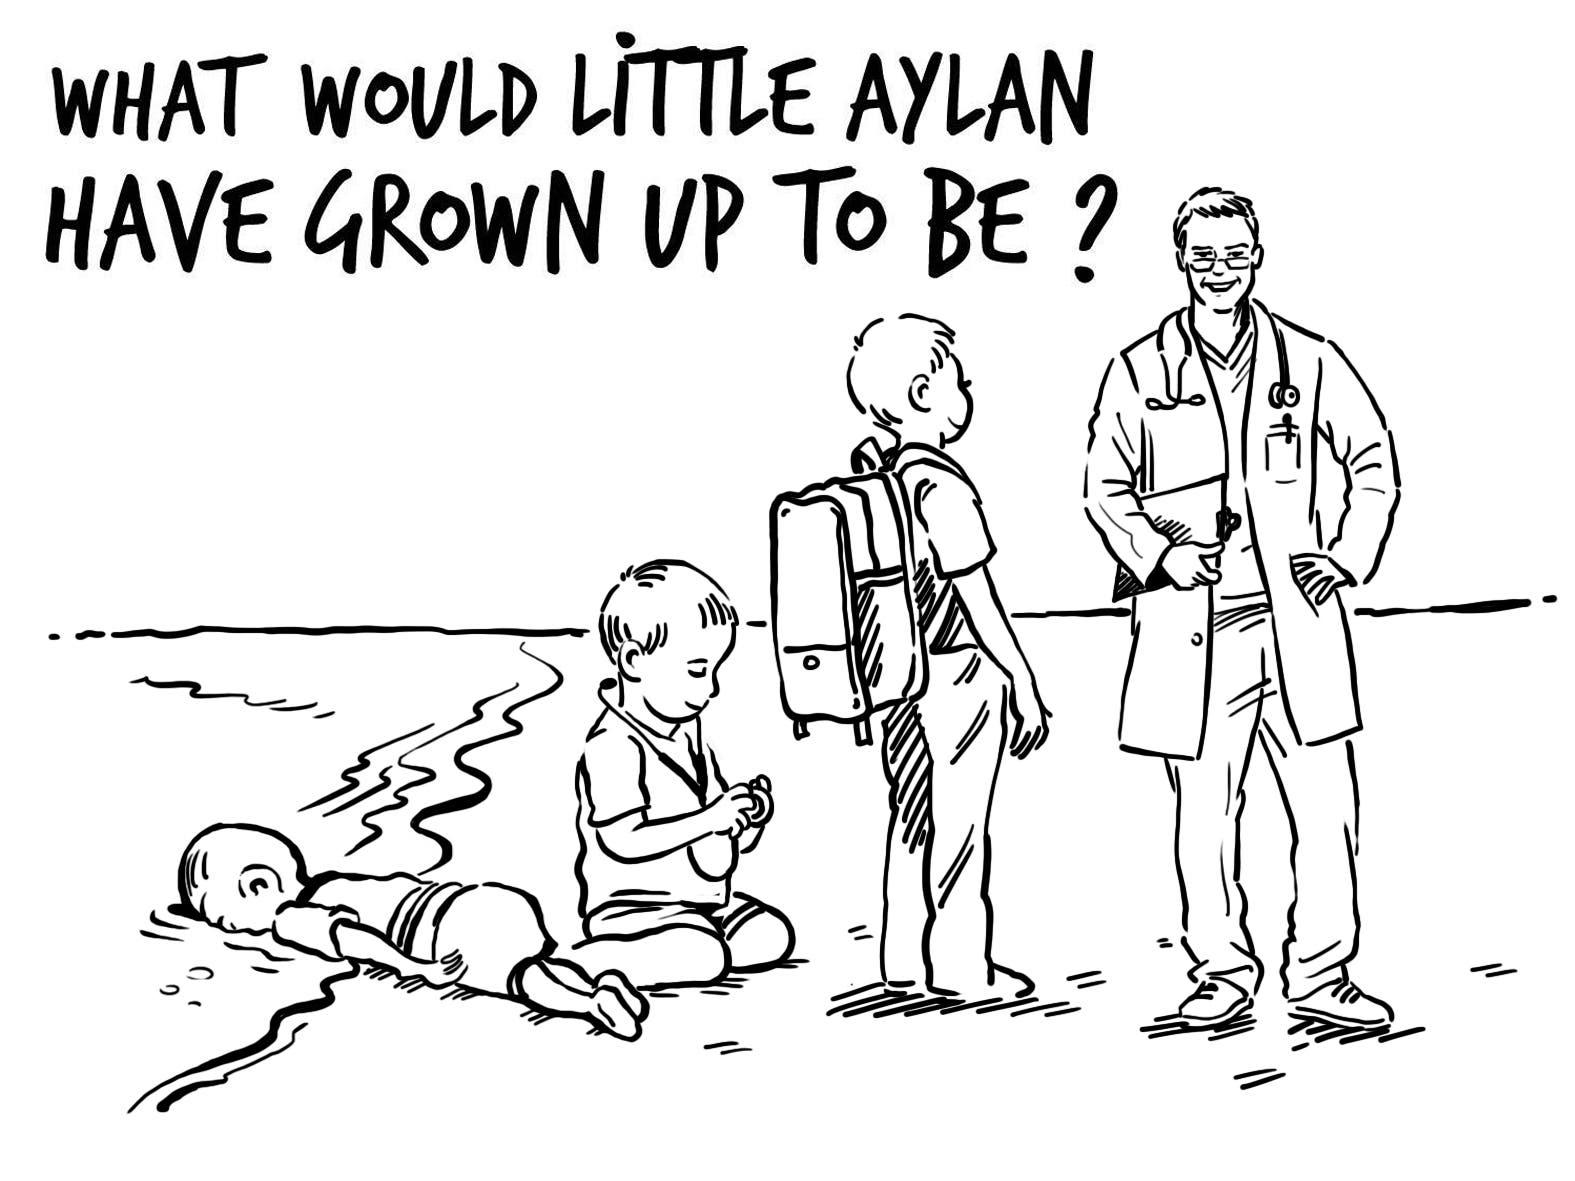 الرسم الكاريكاتيري باللغة الإنجليزية